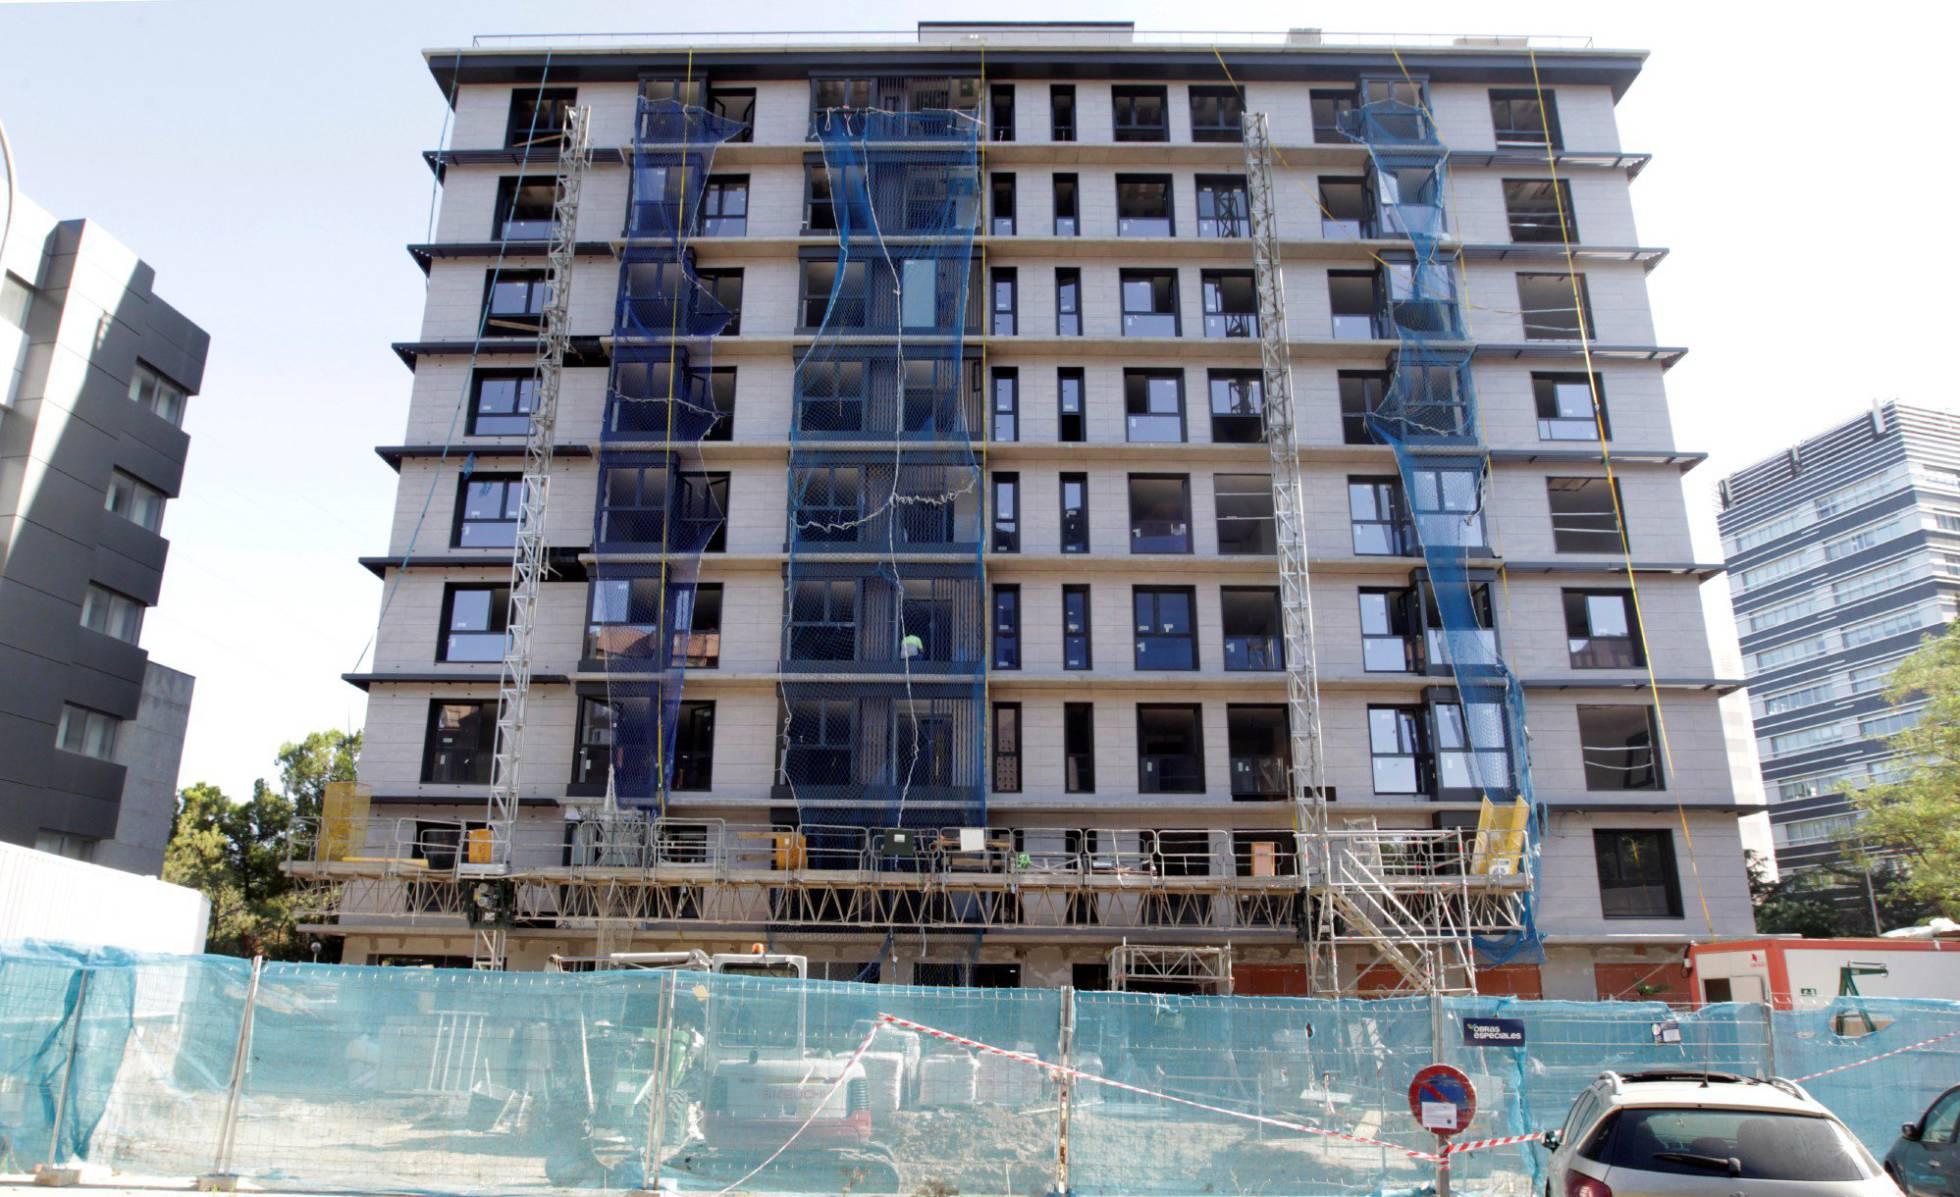 Los permisos para construir nuevas casas bajan en julio por tercer mes consecutivo